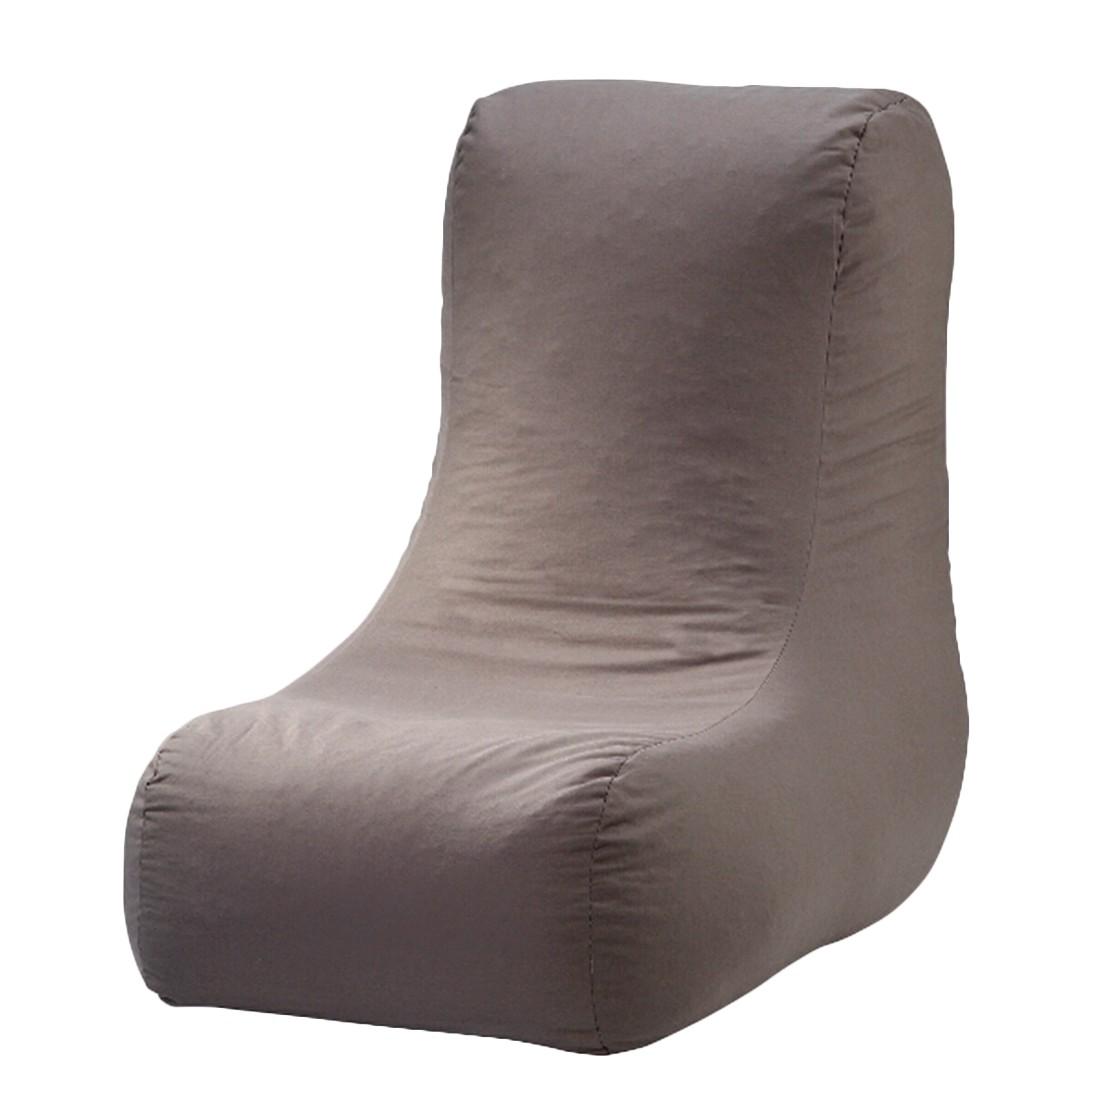 Sitzbanane Baumwolle imprägniert Grau – 60 x 40 cm, KC-Handel kaufen